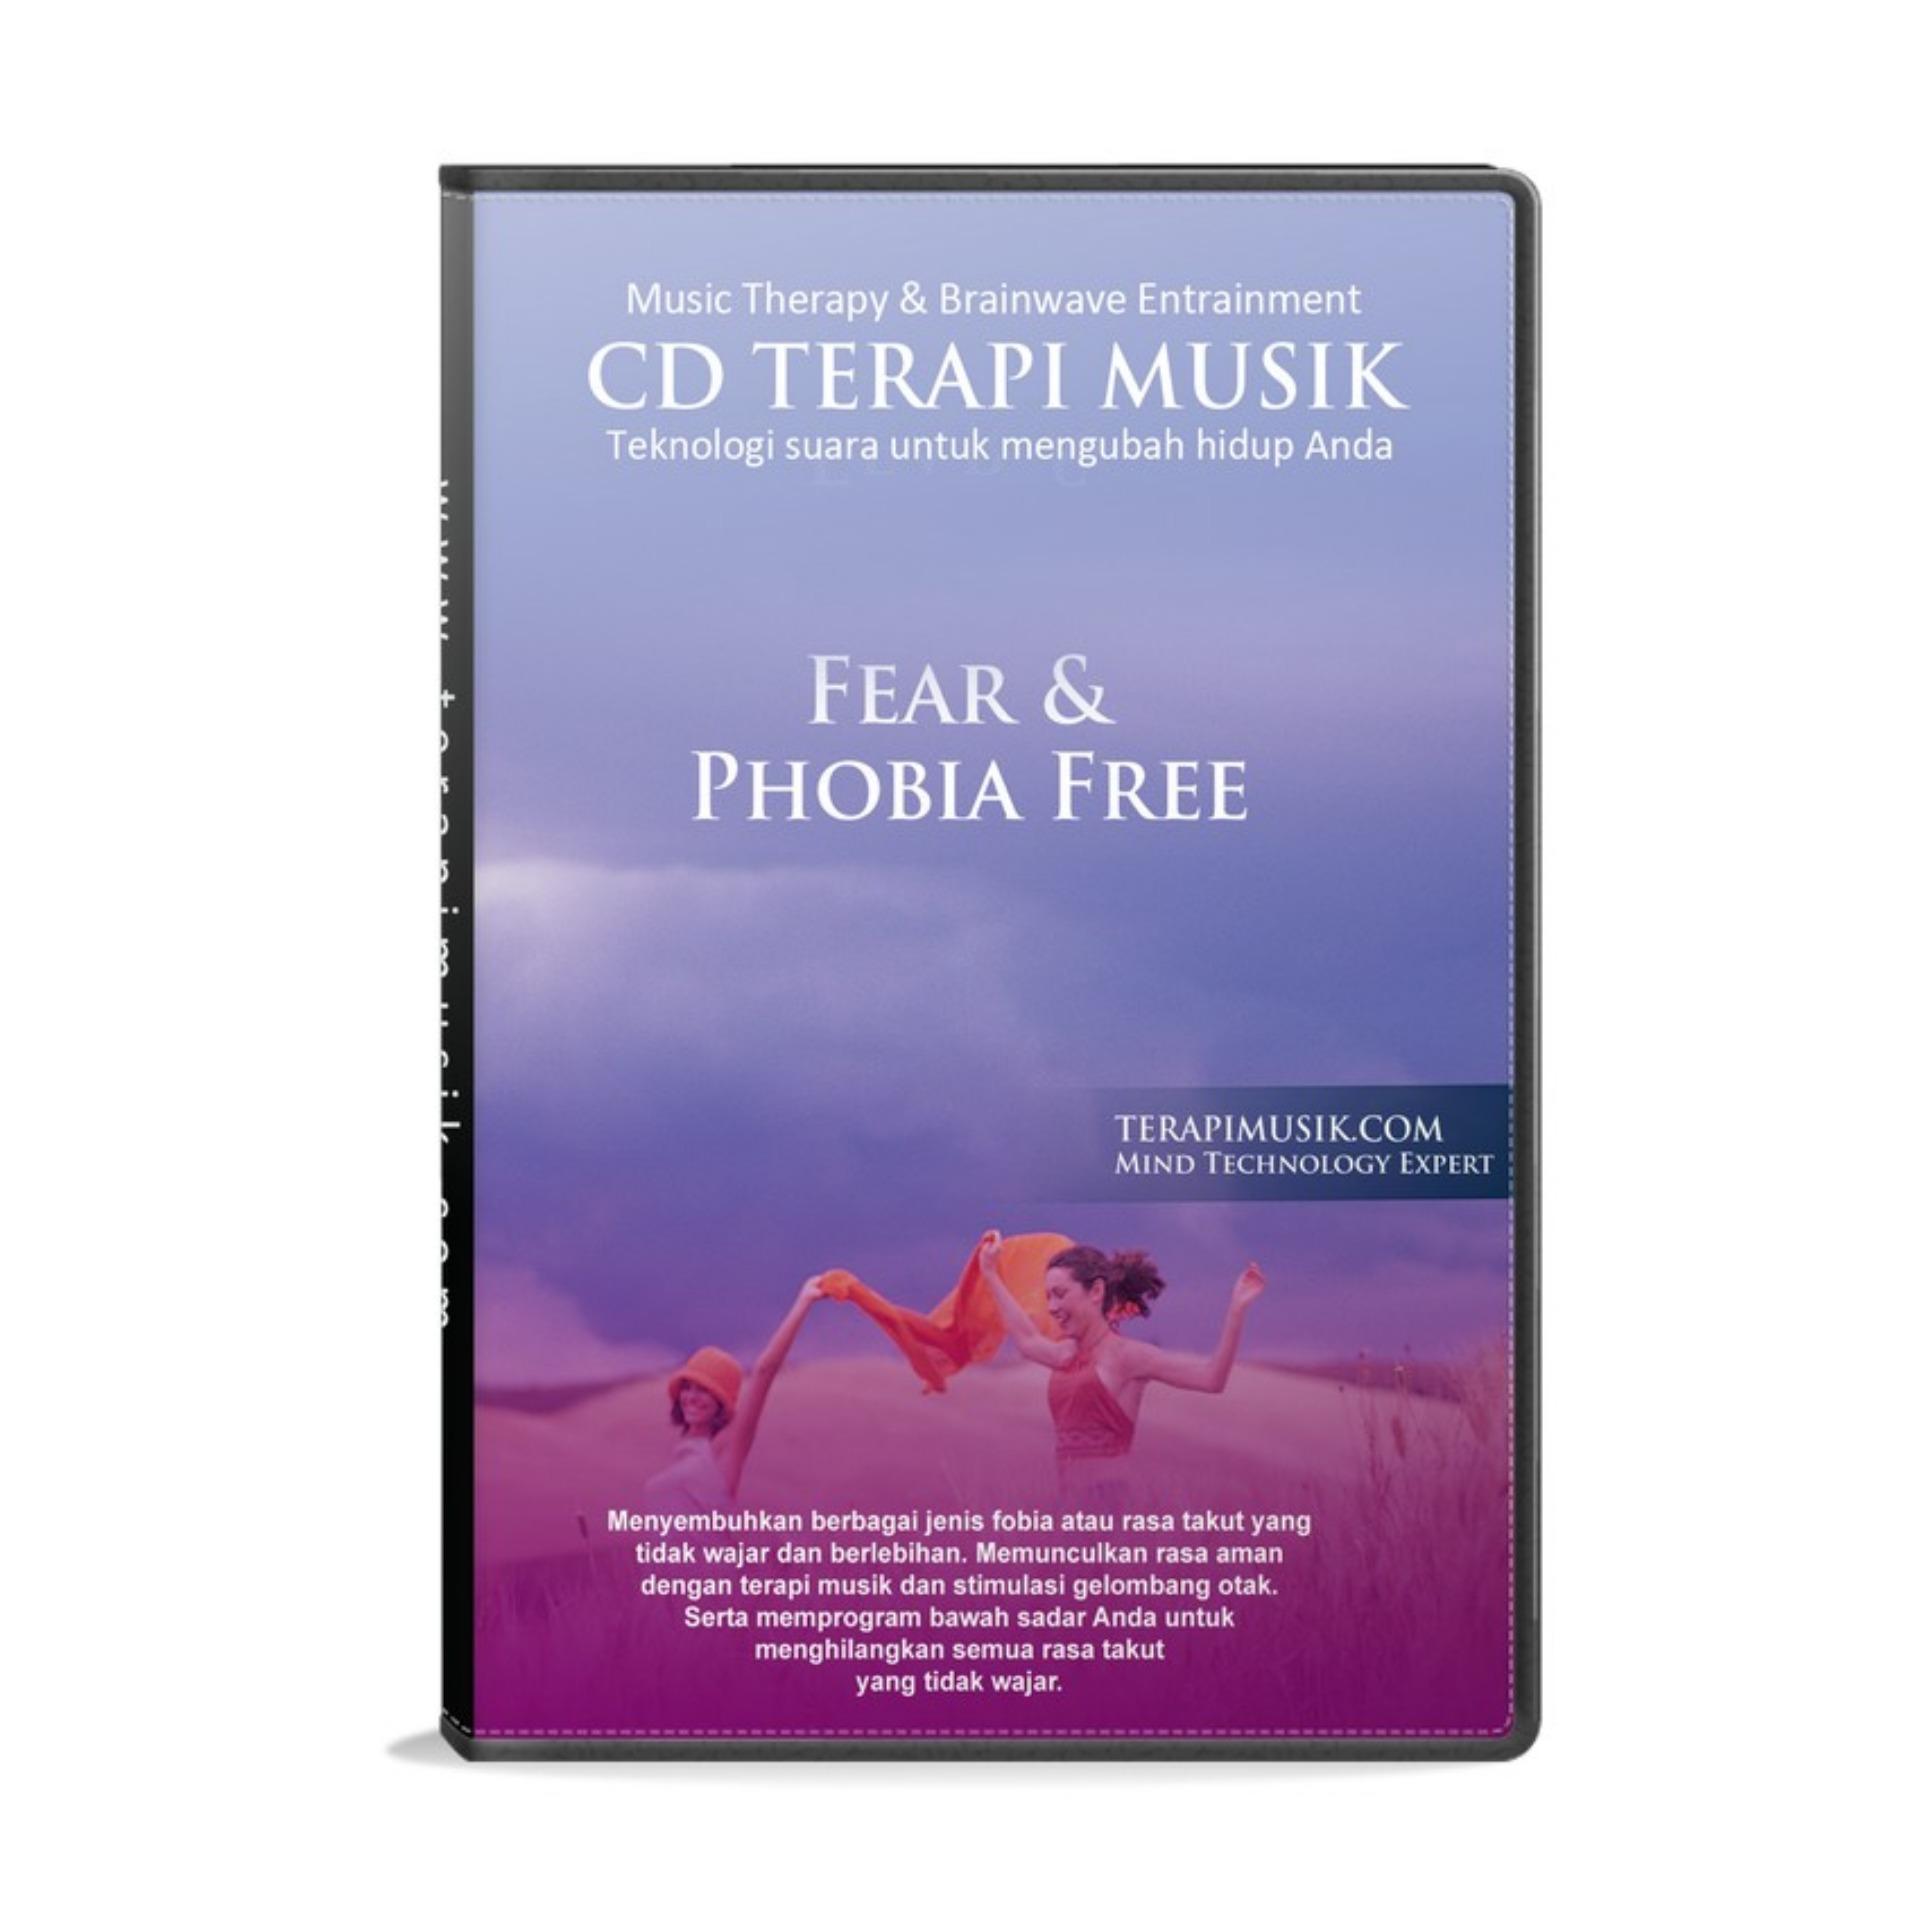 Terapi Musik Fear & Phobia Free (menyembuhkan Fobia & Rasa Takut Berlebihan) By Terapi Musik.